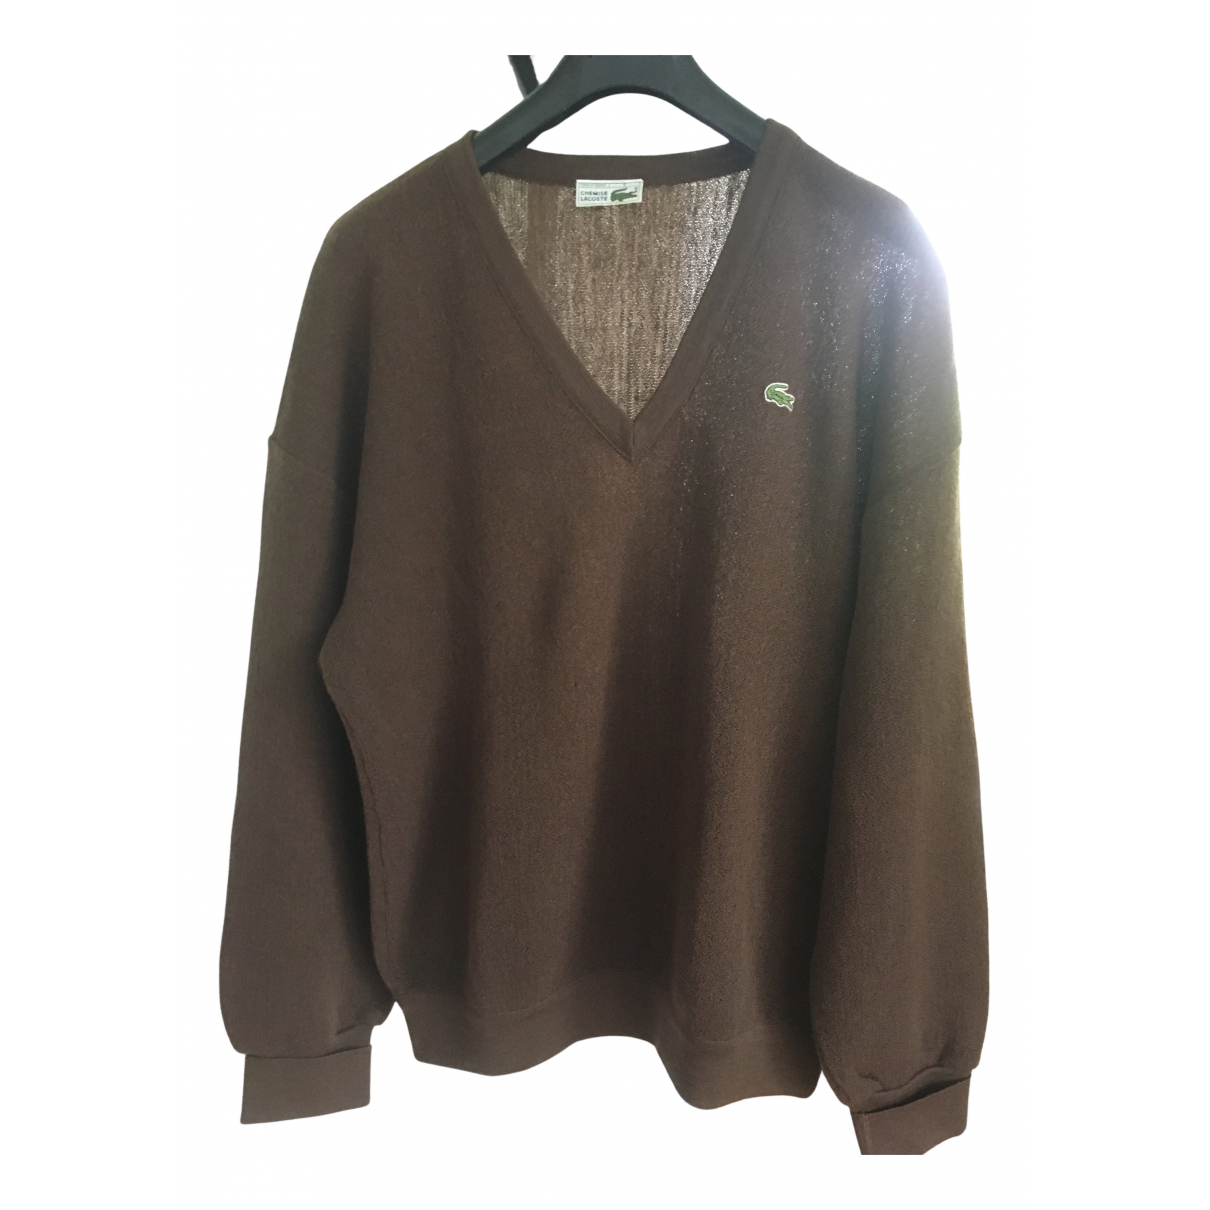 Lacoste N Brown Wool Knitwear & Sweatshirts for Men 48 FR